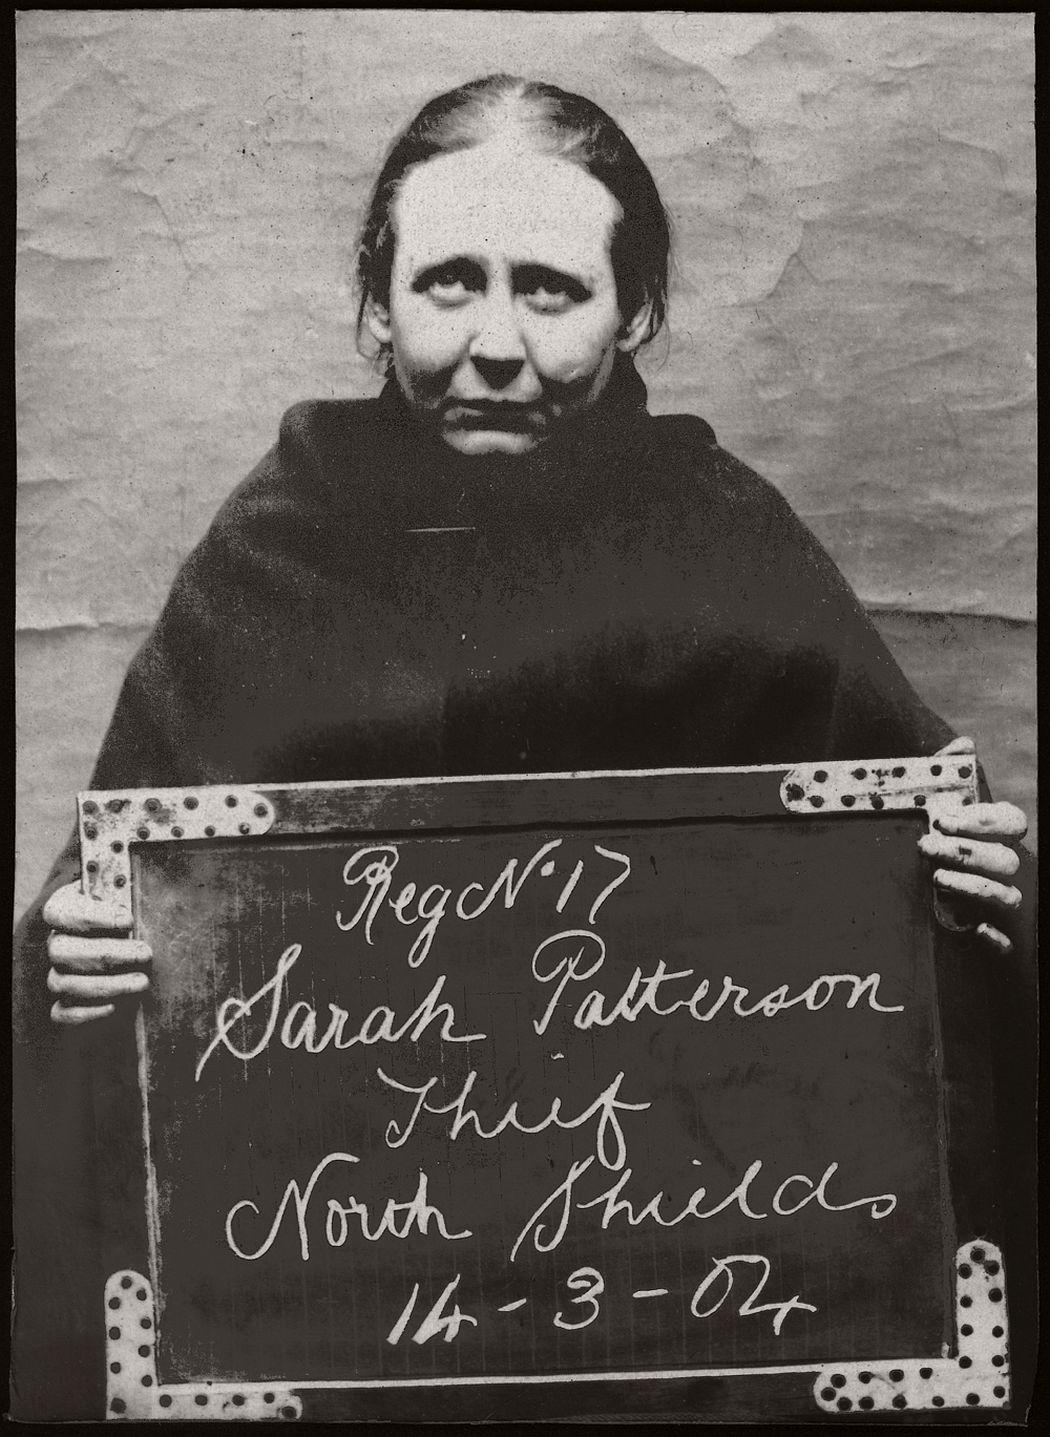 Vintage Mug Shot Of Women Criminals From North Shields